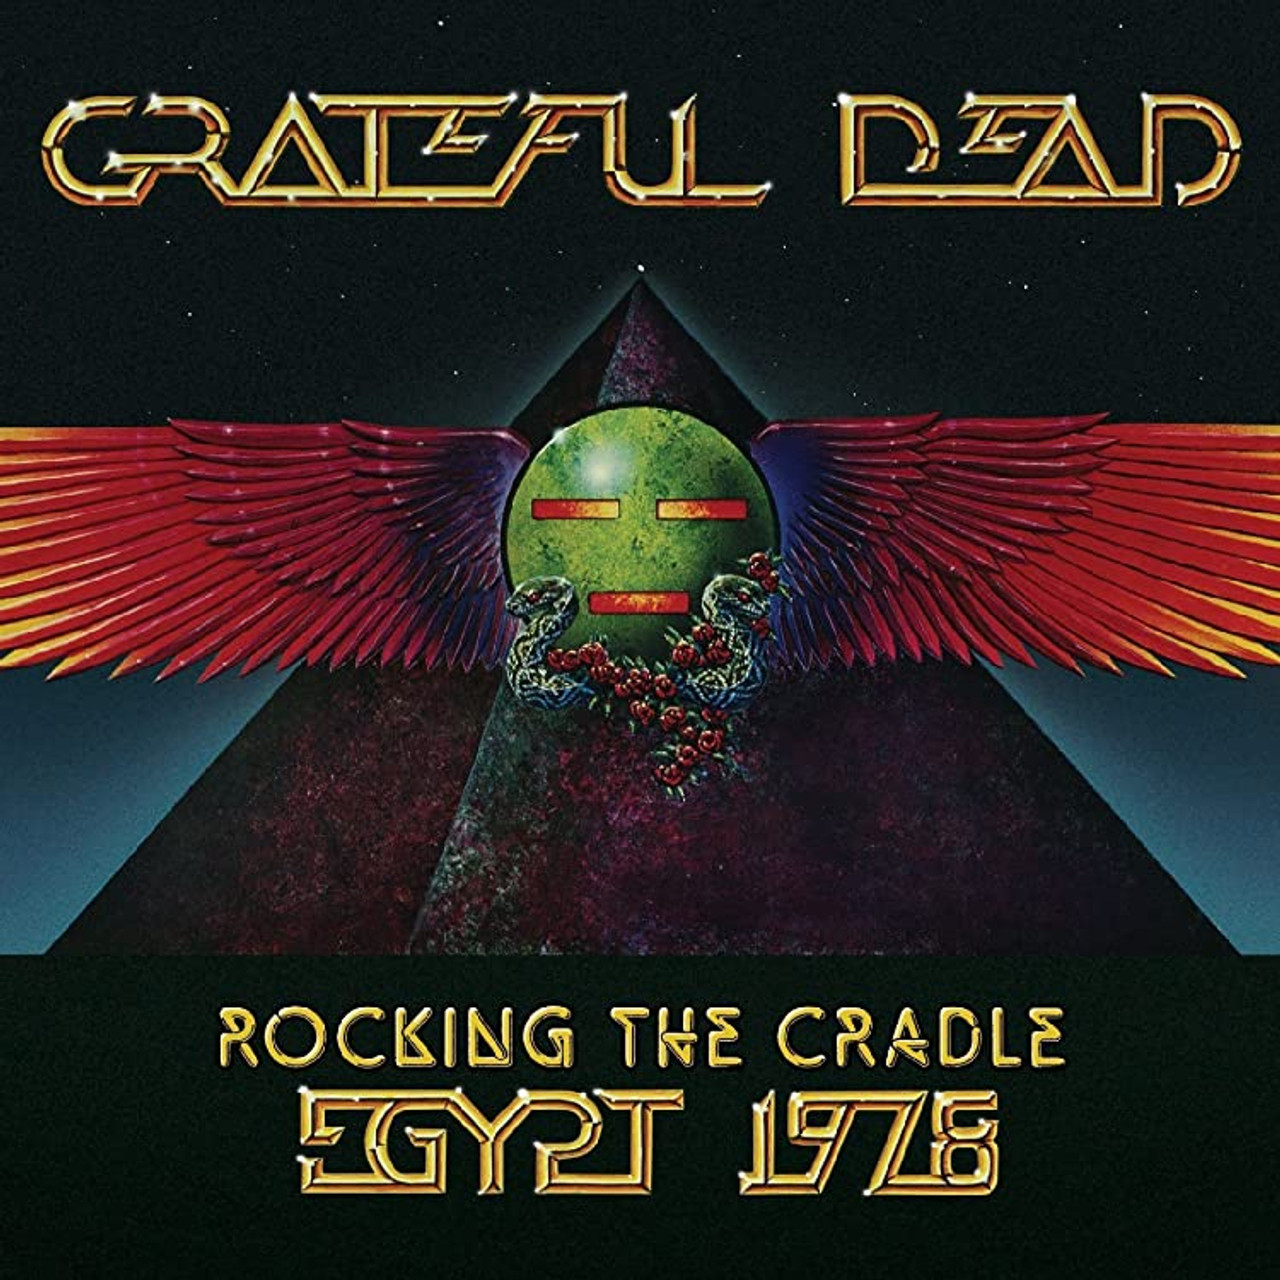 Grateful Dead Rocking The Cradle Egypt 1978 CD